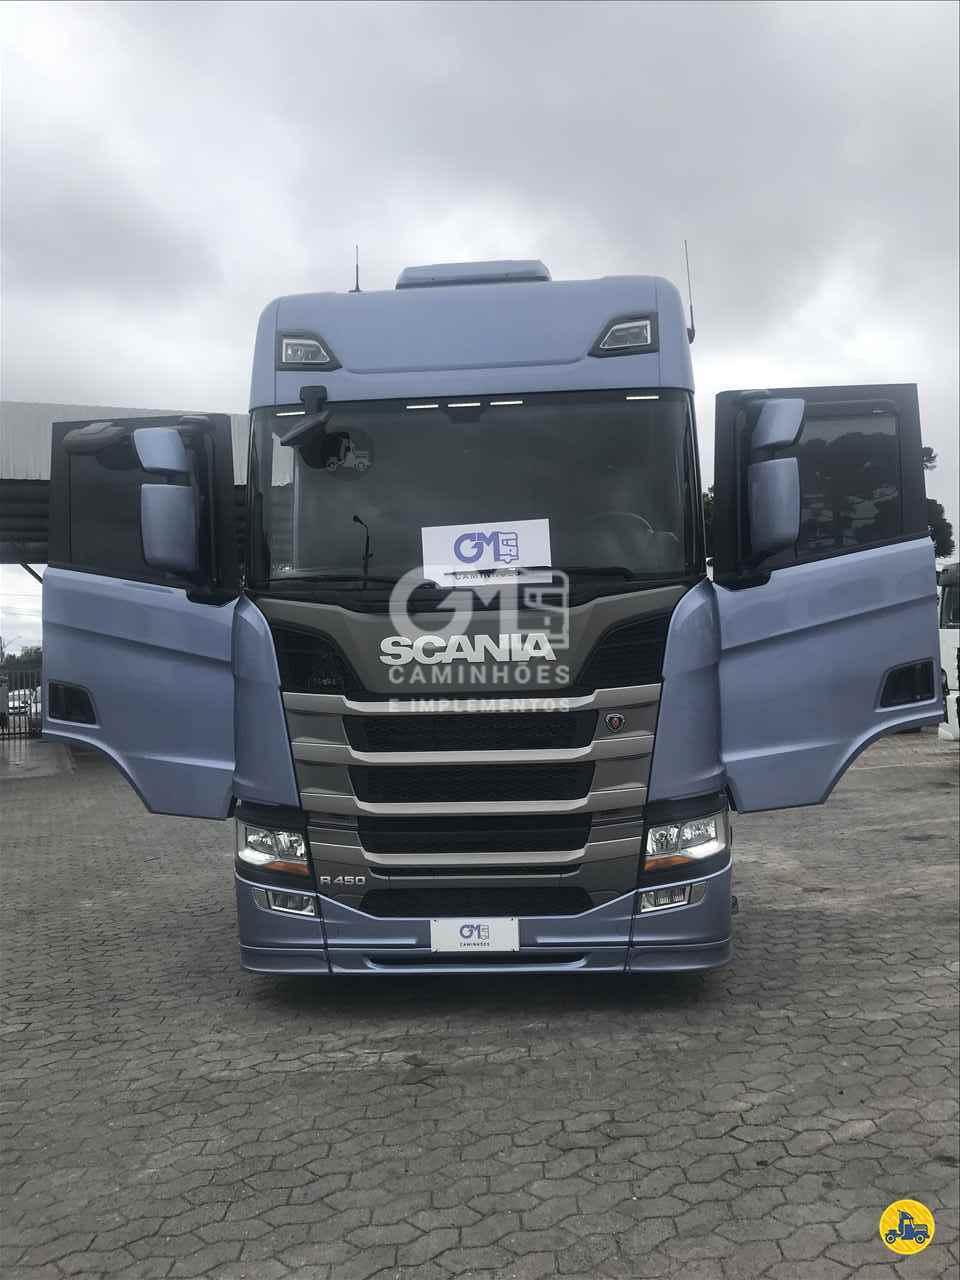 CAMINHAO SCANIA SCANIA 450 Cavalo Mecânico Truck 6x2 GM Caminhões CURITIBA PARANÁ PR